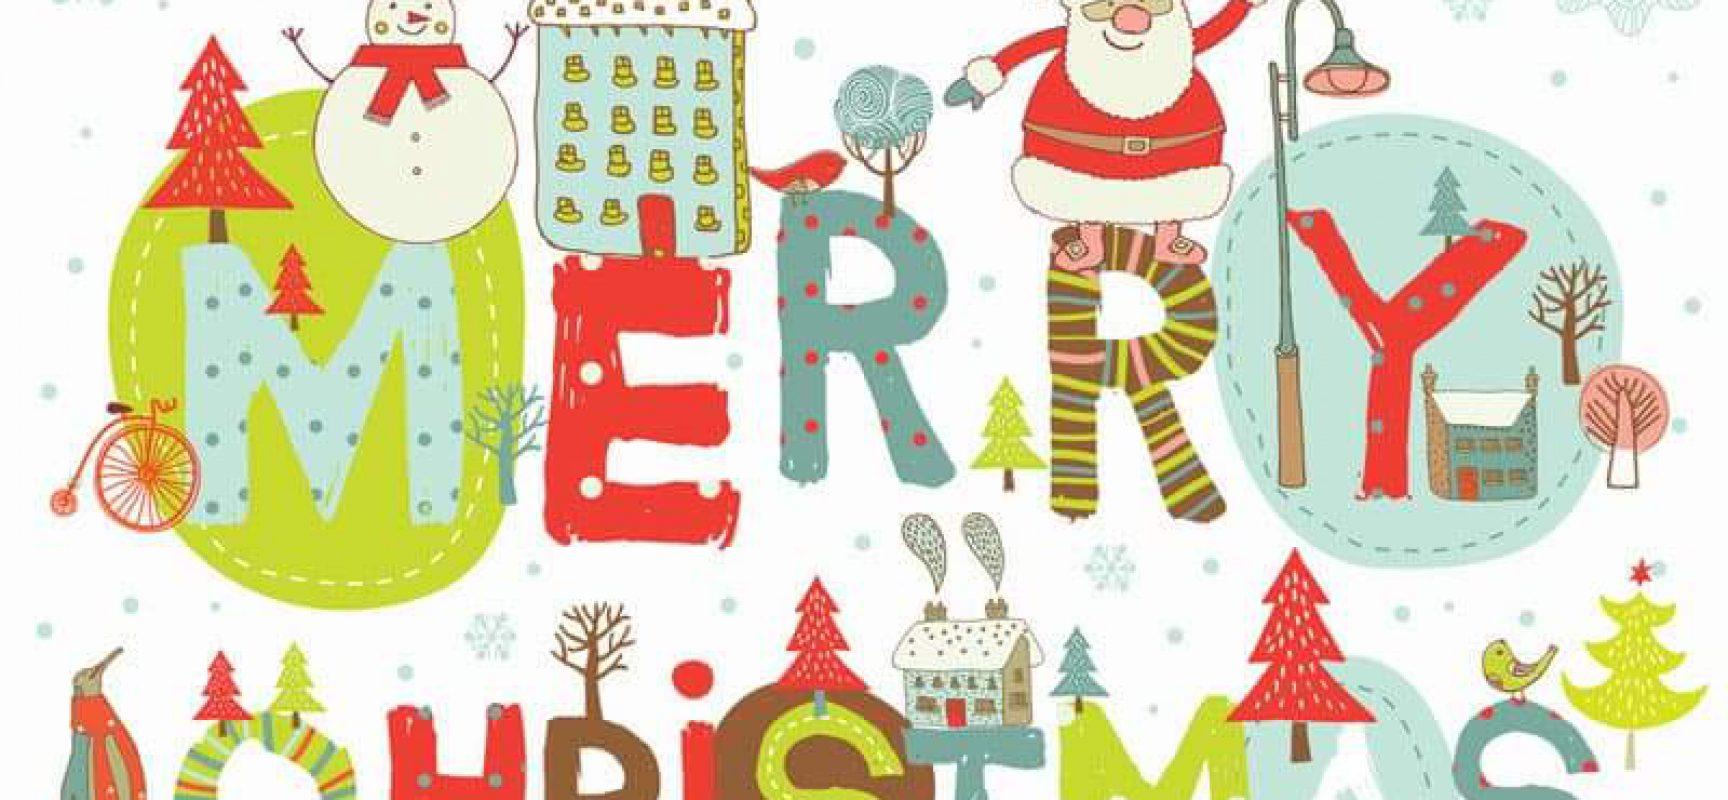 Στολισμός του Δημαρχείου με Χριστουγεννιάτικες Παιδικές Ζωγραφιές